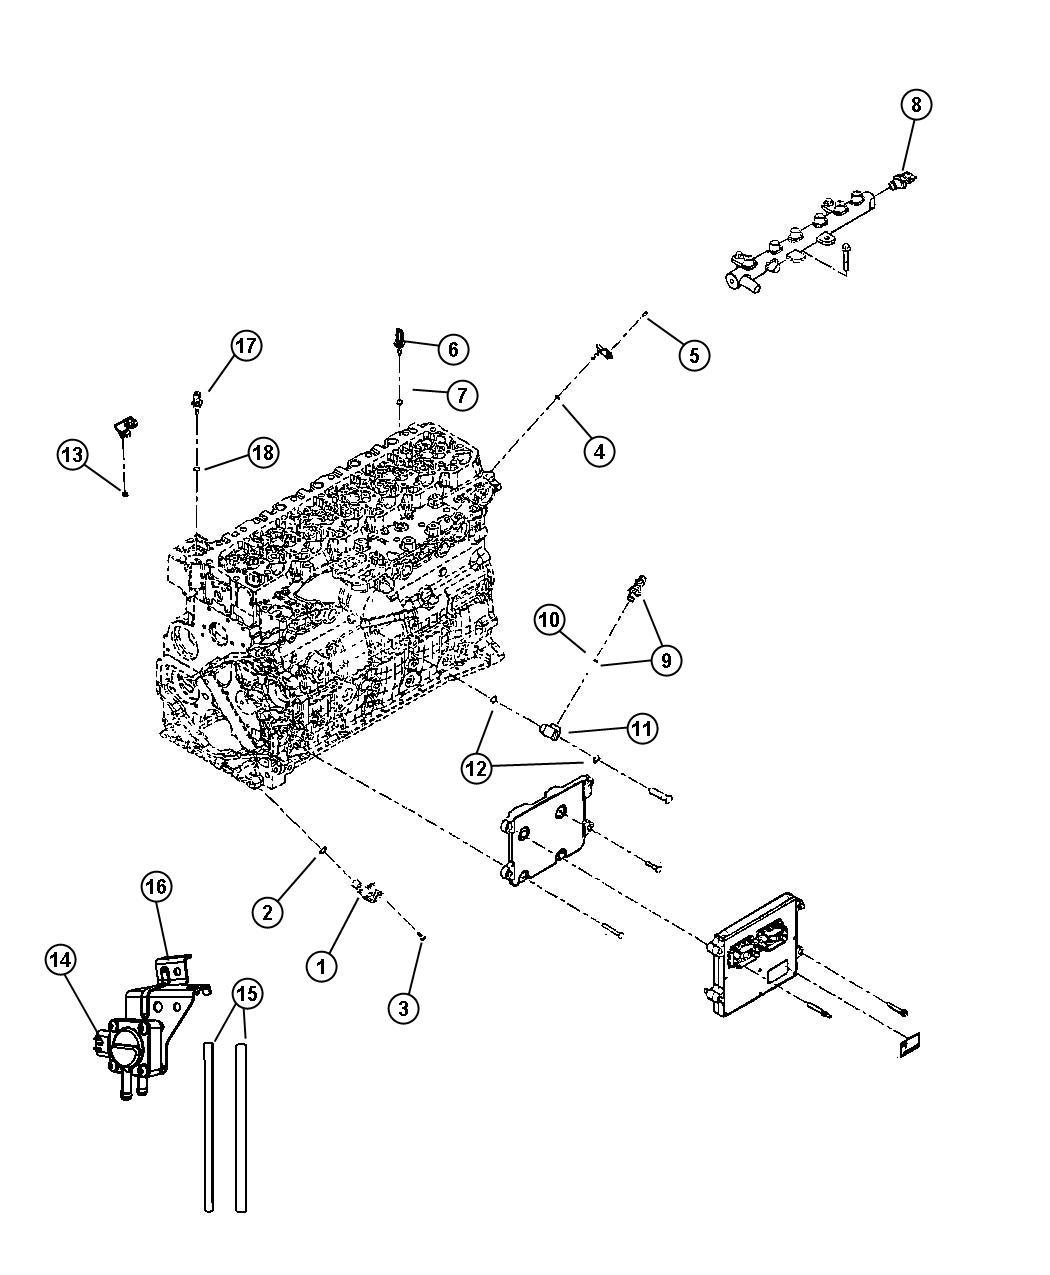 2009 dodge ram 2500 laramie quad cab 6 7l cummins turbo diesel a  t 4x4 bracket  sensor mounting